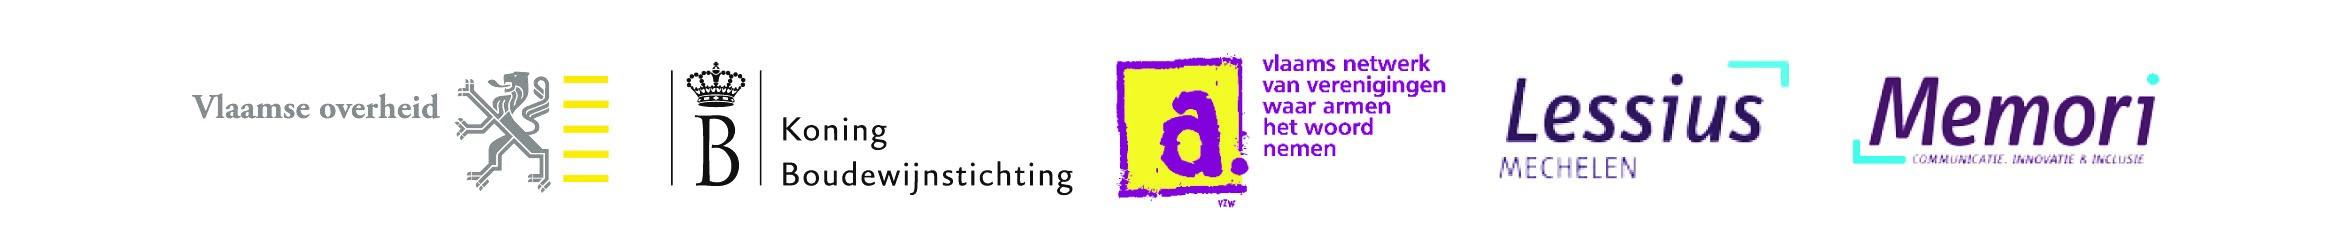 Afbeeldign met de logo's van de projectpartners achter het draaiboek In Vijf Stappen Communiceren met Mensen in Armoede (februari 2012)